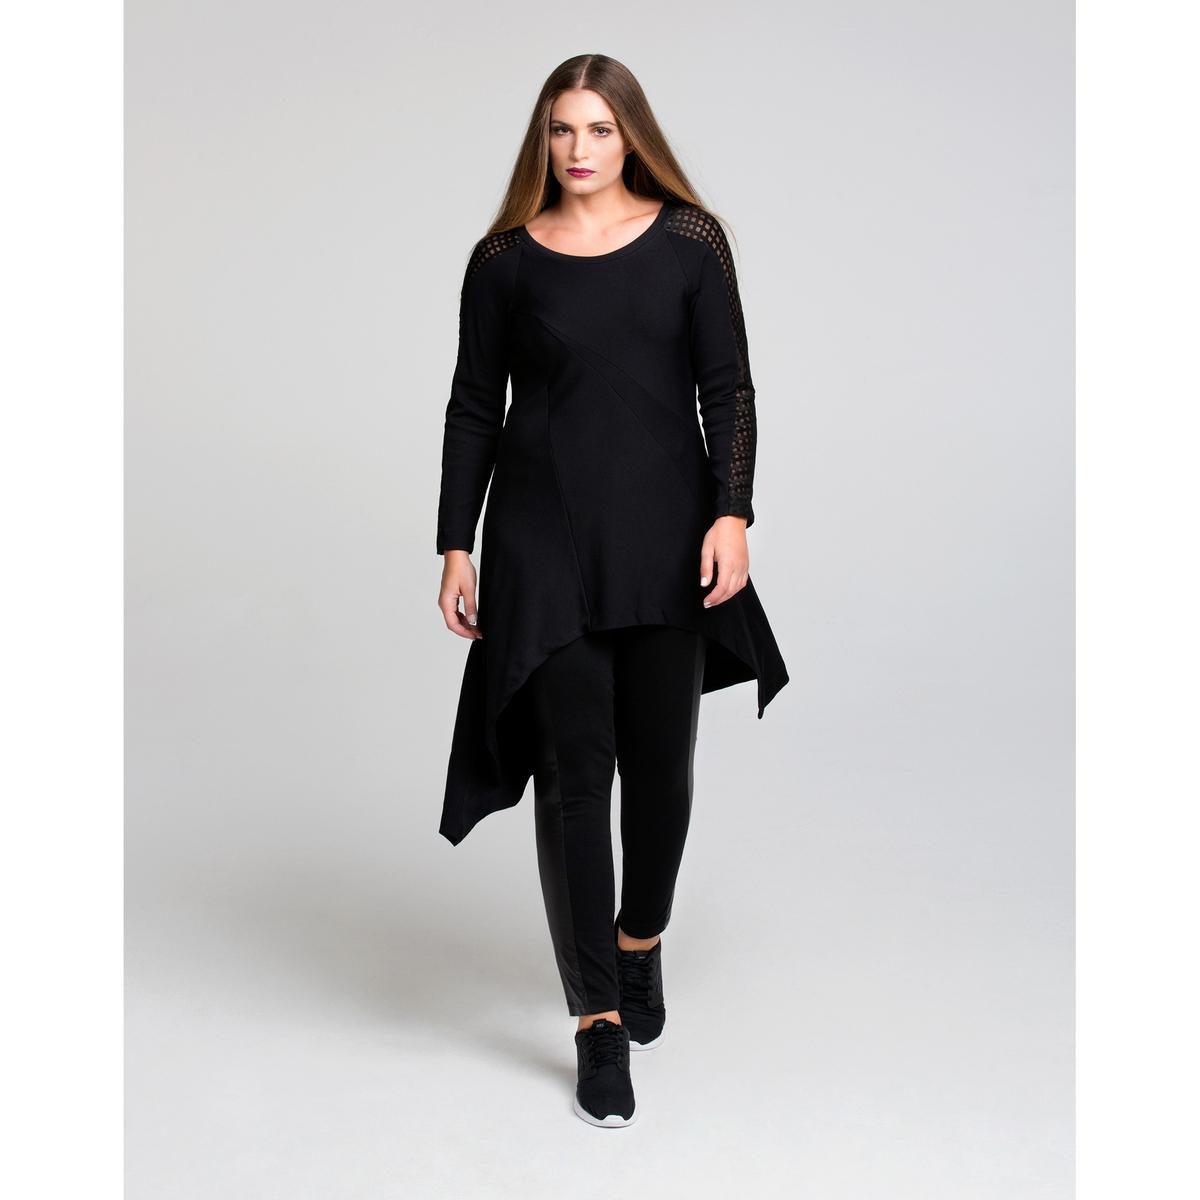 Платье асимметричноеПлатье асимметричное с длинными рукавами MAT FASHION. 97% полиэстера, 3% эластана.Асимметричный струящийся покрой, однотонные ткани из лоскутов, рукава и плечи в клетку из элегантной прозрачной ткани. Длинные рукава. Закругленный вырез.<br><br>Цвет: черный<br>Размер: 44/46 (FR) - 50/52 (RUS)